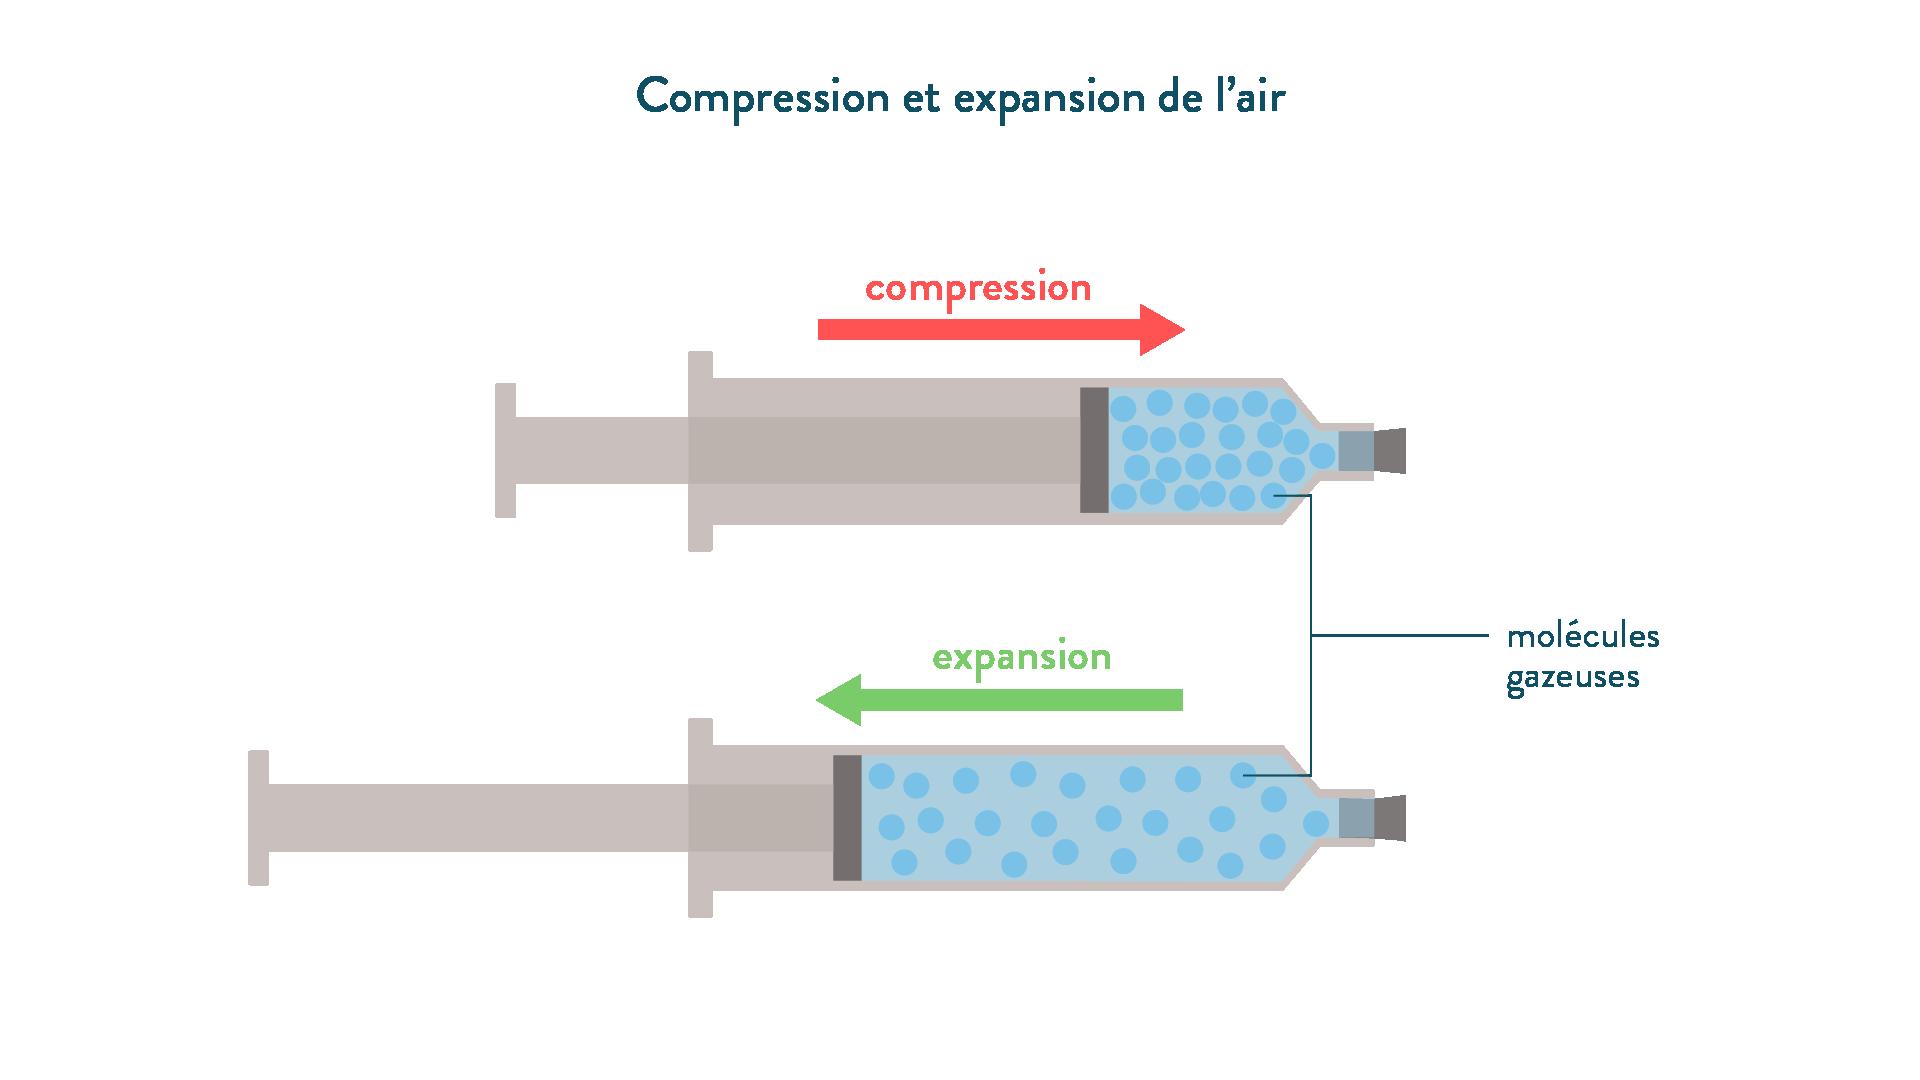 Compression et expansion de l'air